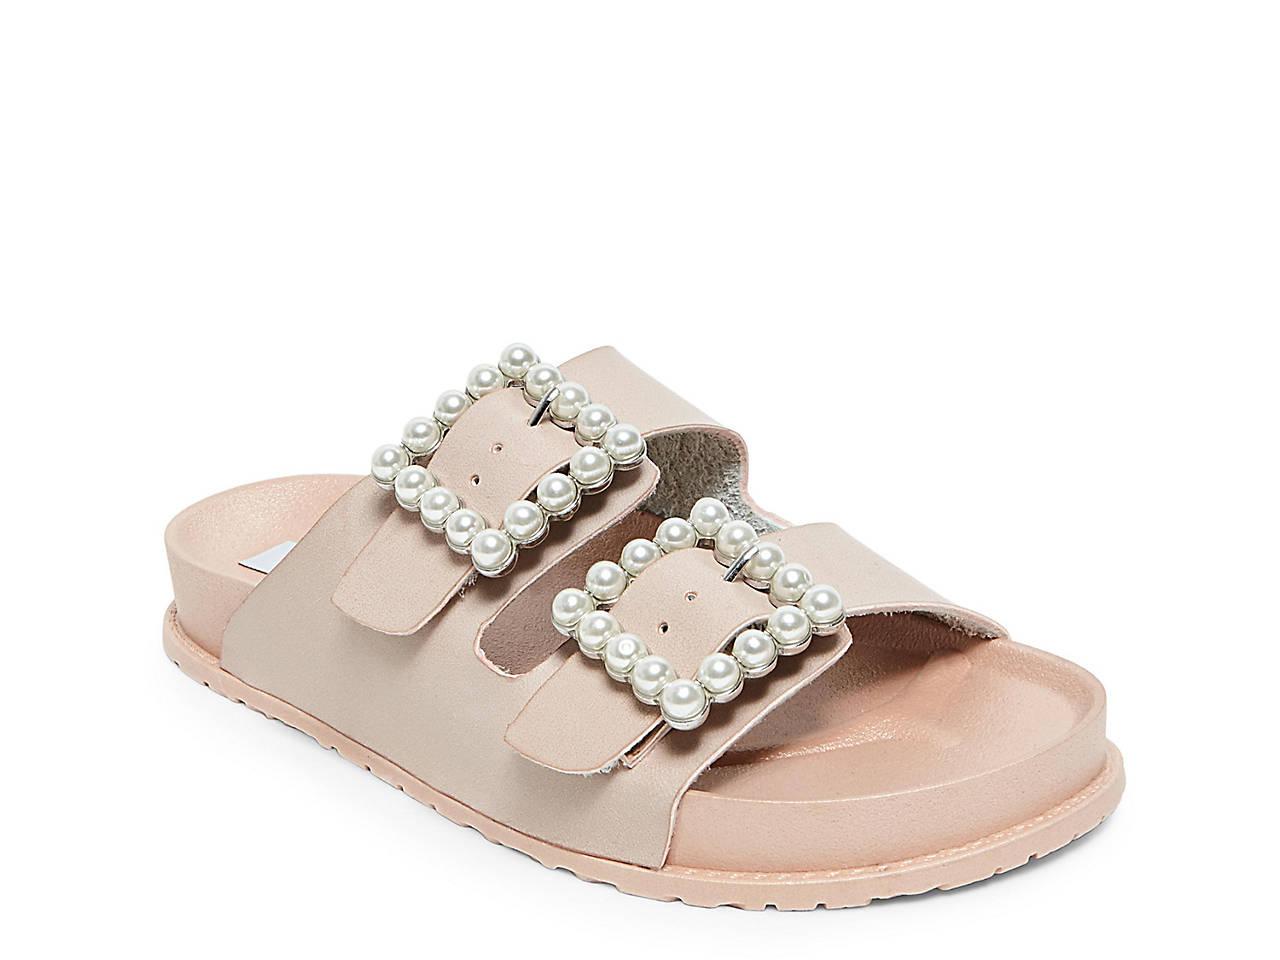 52f3c46f628 Steve Madden Nora Slide Sandal Women s Shoes